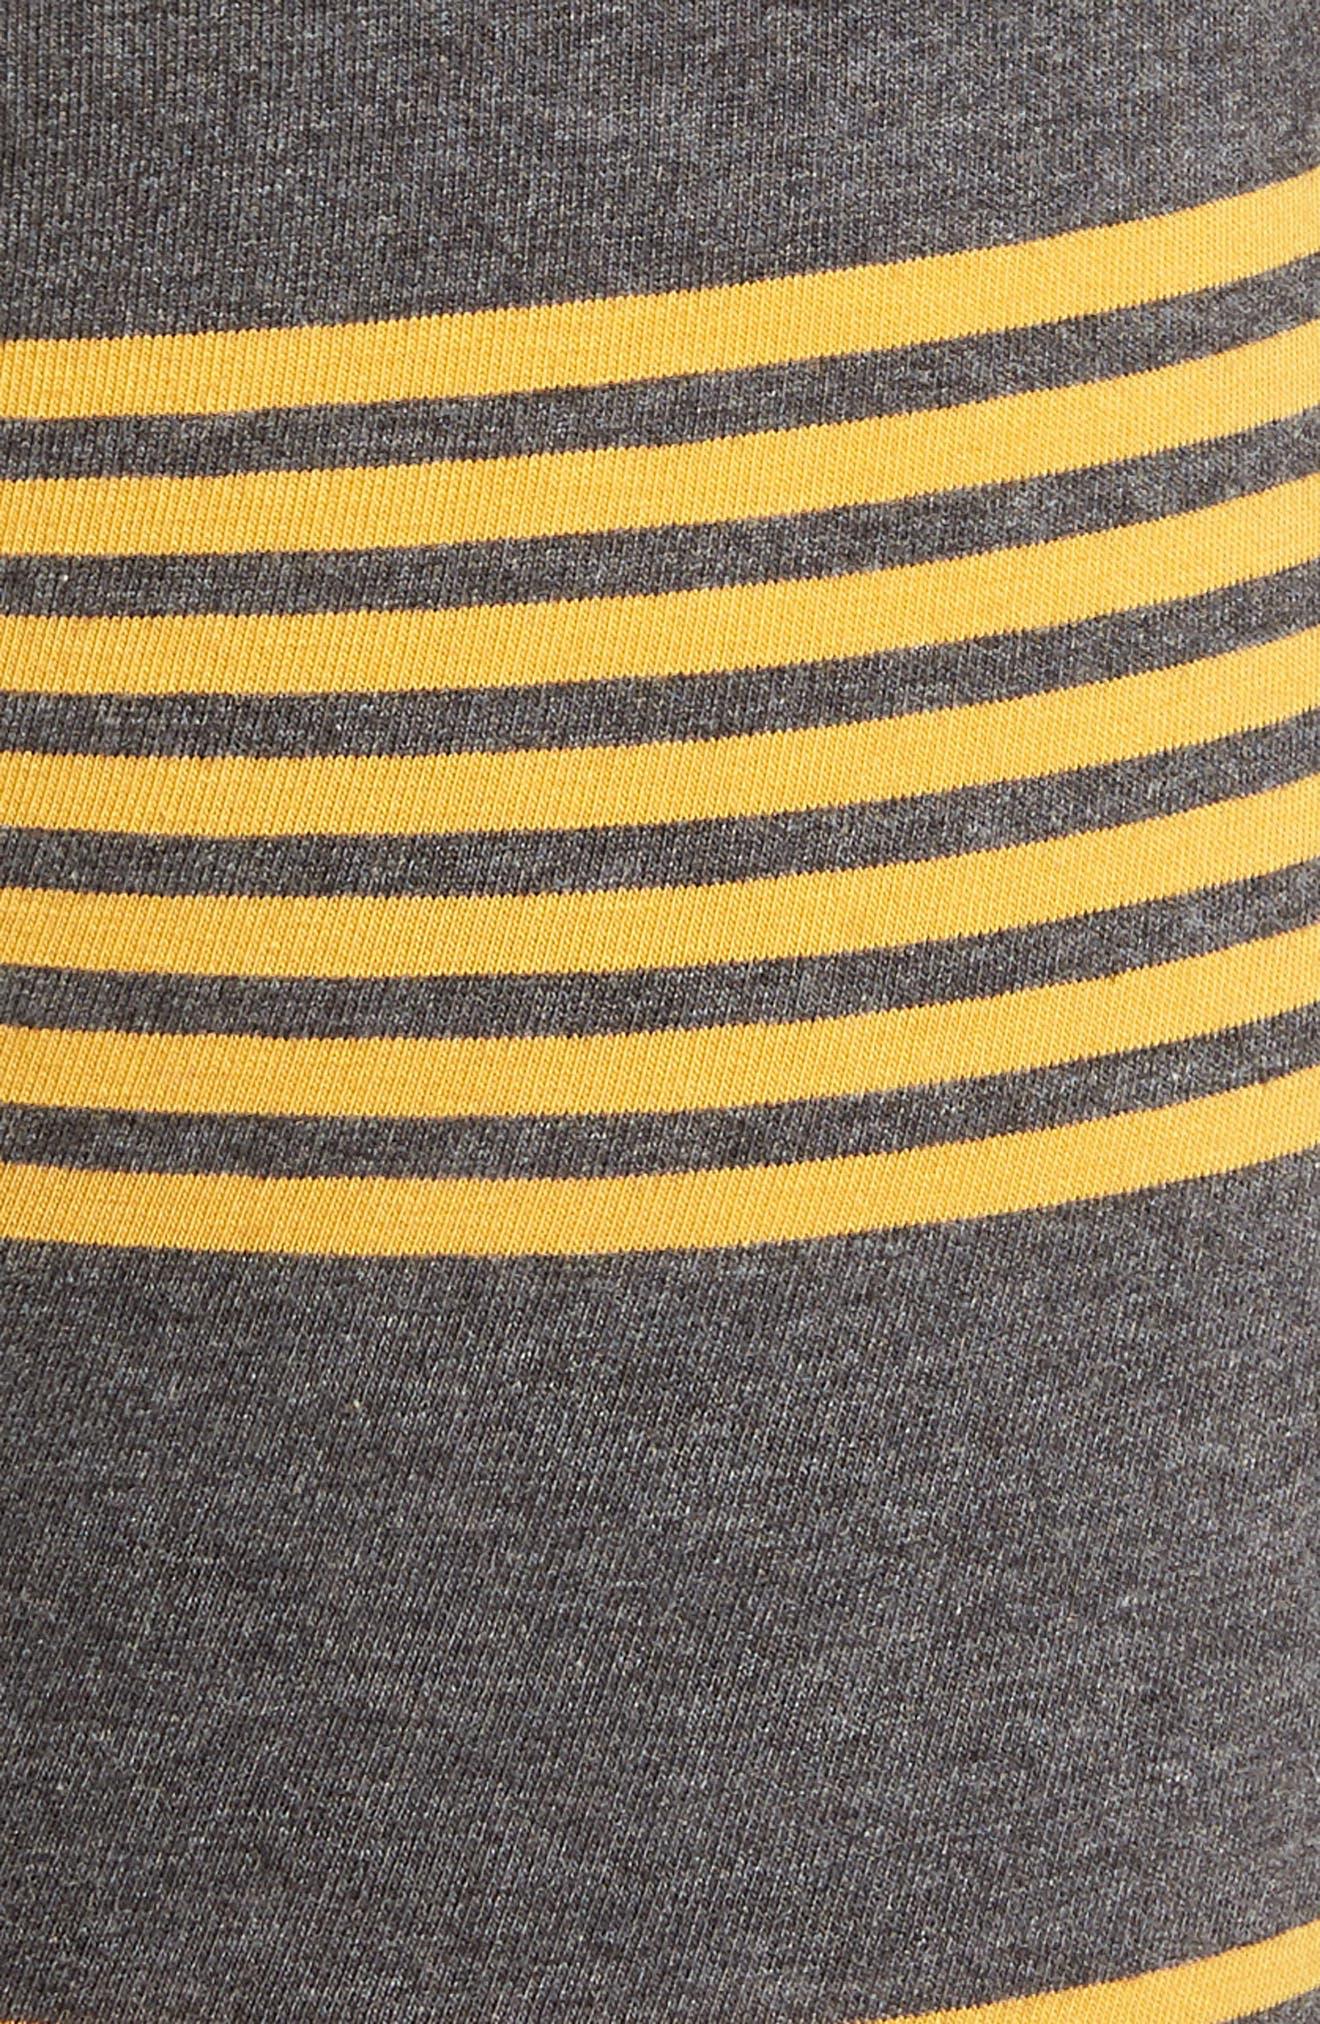 Thurston Cotton Boxer Briefs,                             Alternate thumbnail 5, color,                             CHARCOAL/ GOLD